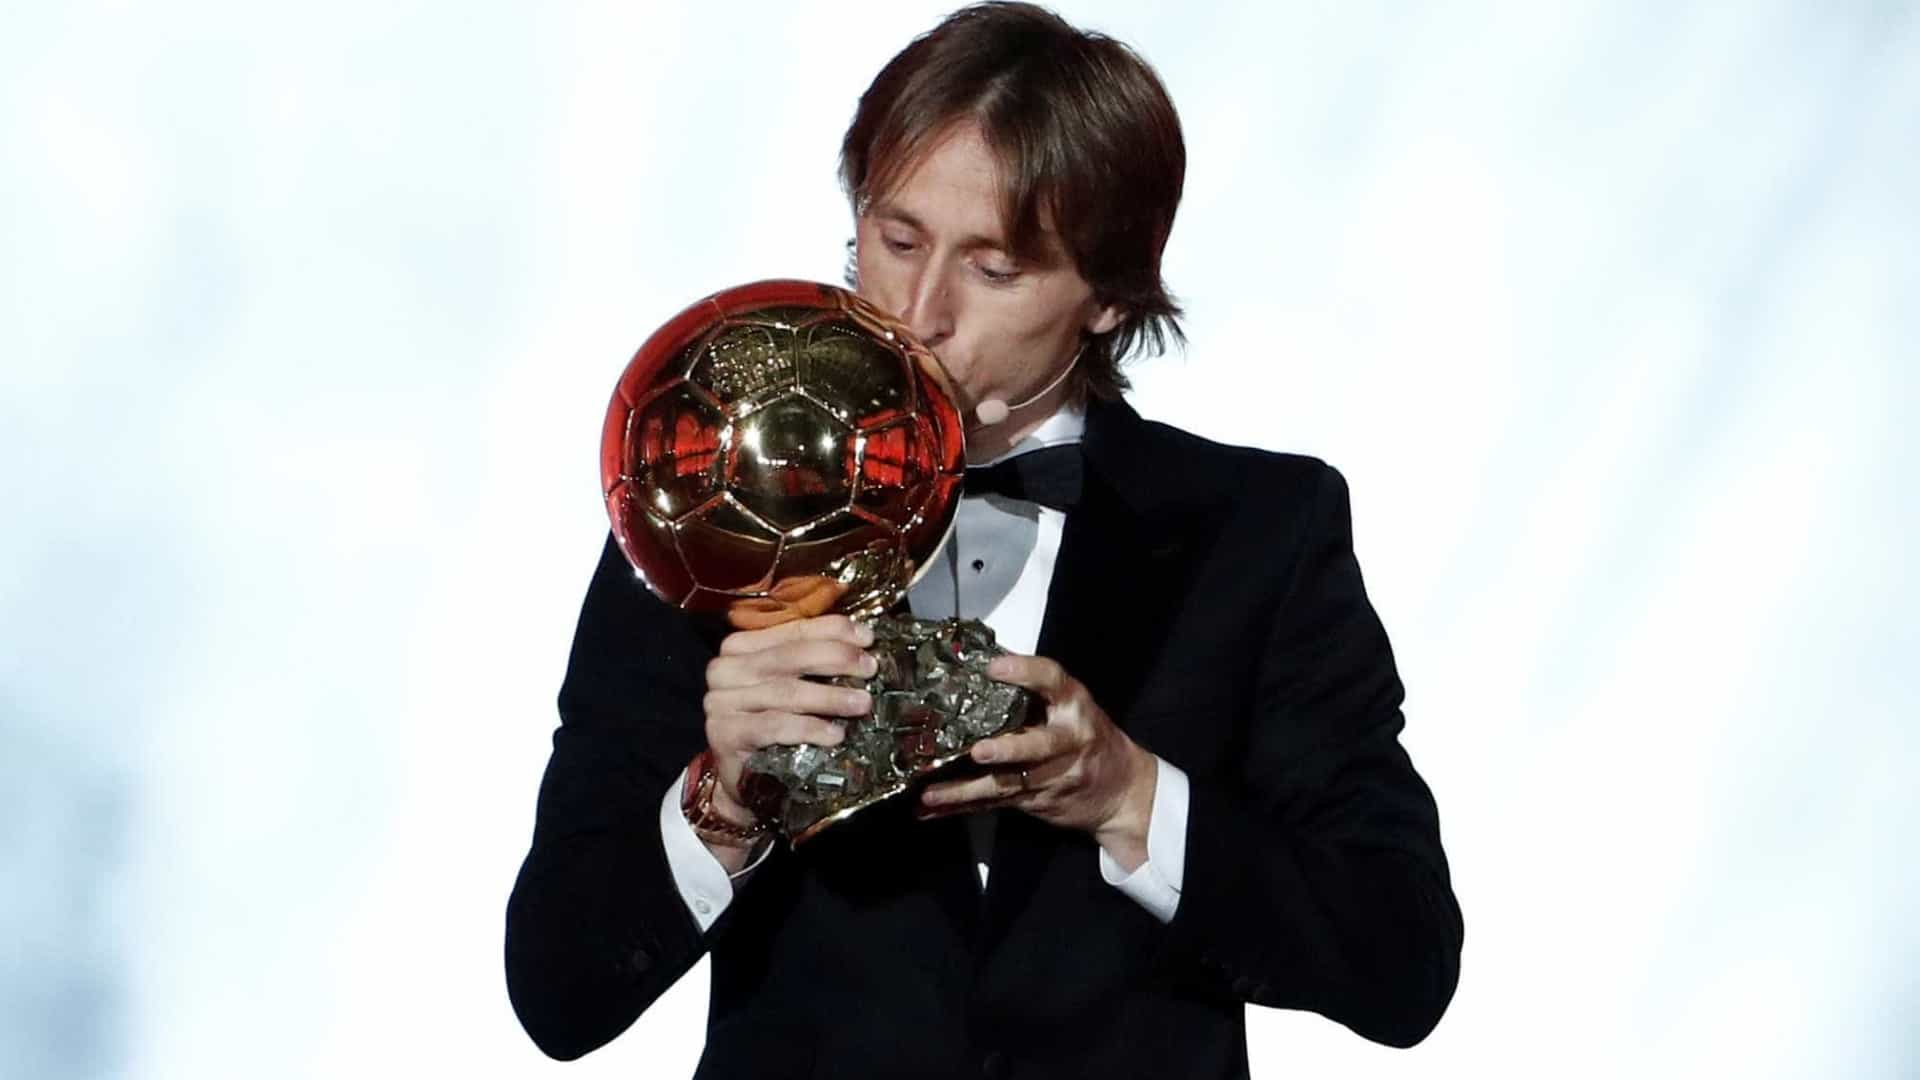 Modric desbanca hegemonia de Messi e Ronaldo e conquista Bola de Ouro